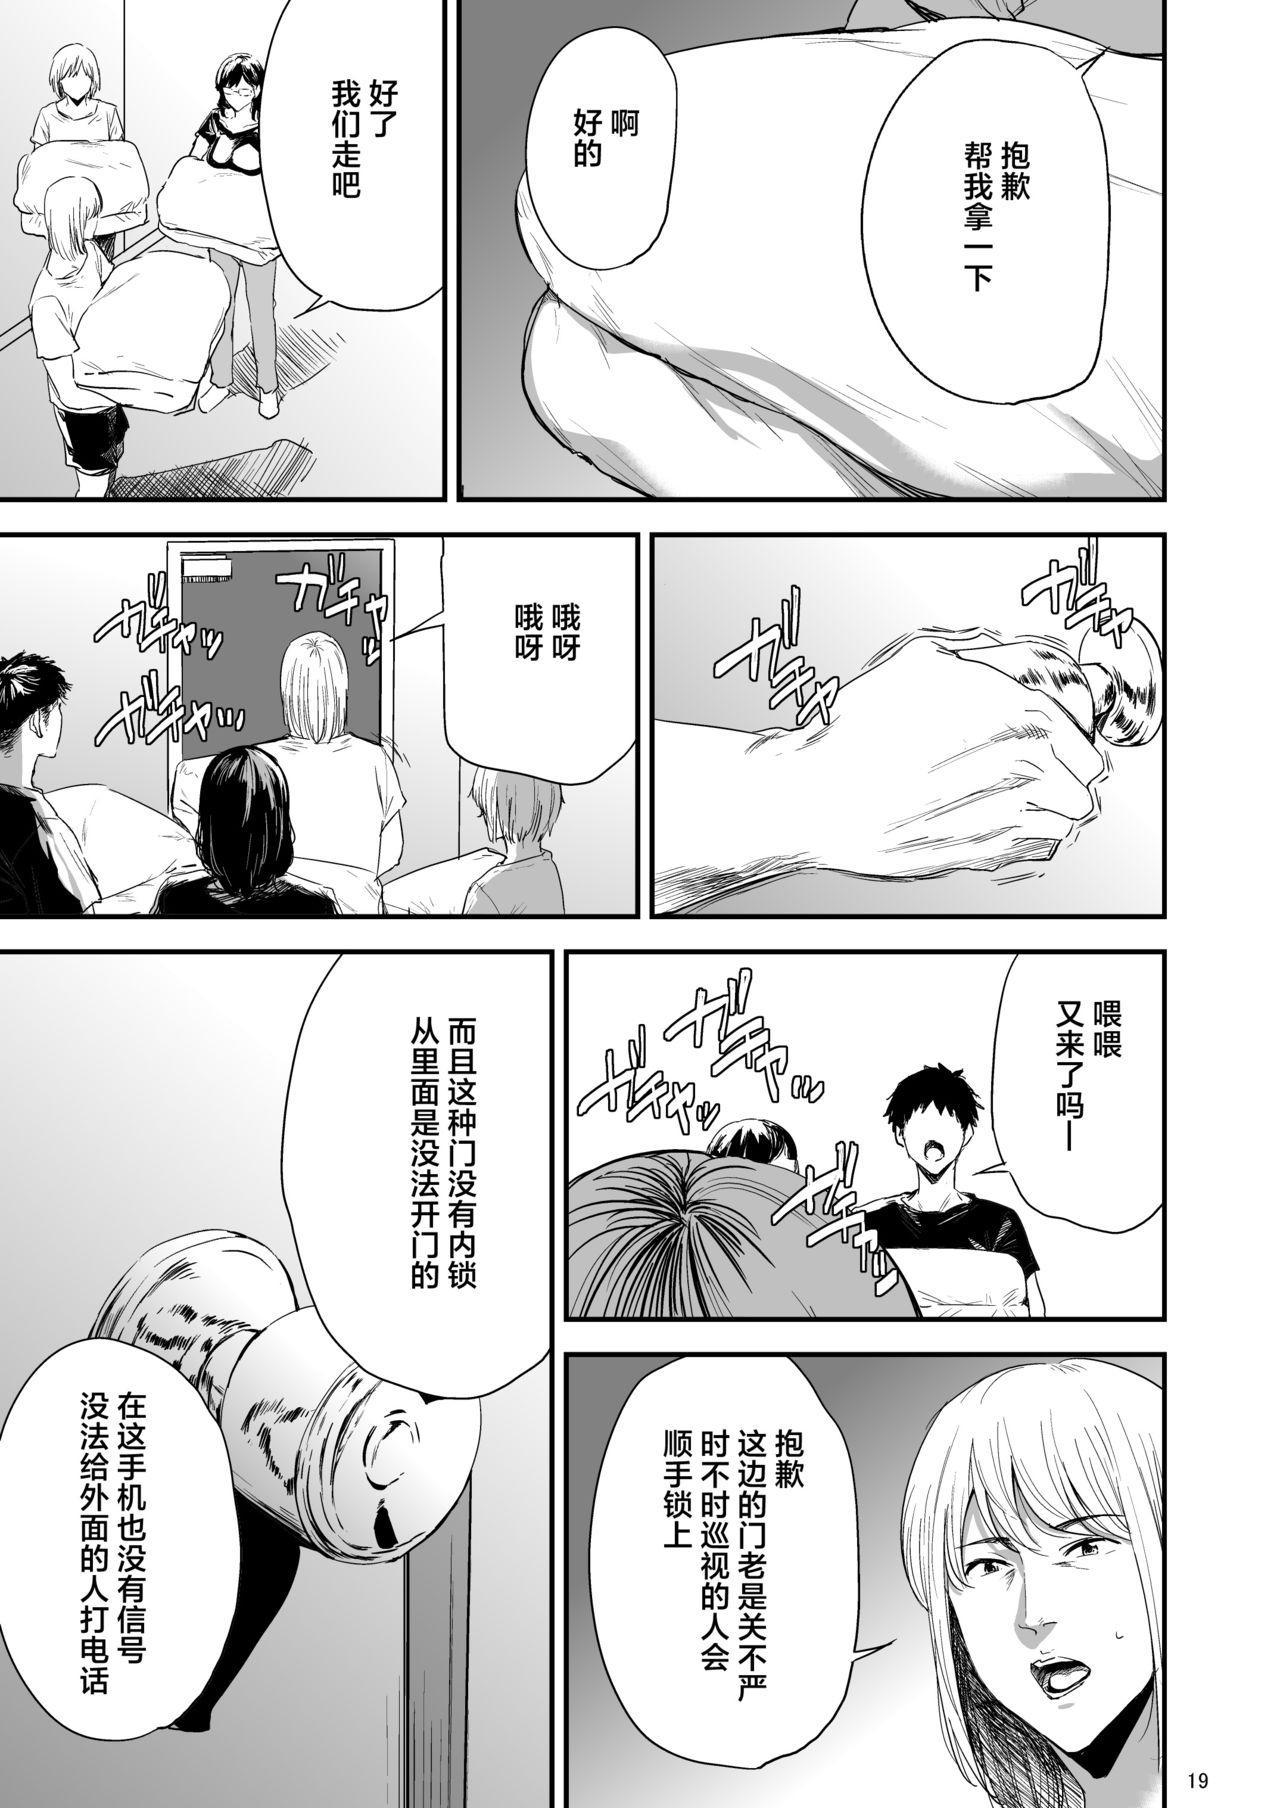 Saeko Nee-san ga Daigaku no Doukyuusei ni Itazura Sare Moteasobareru Hon 3 18